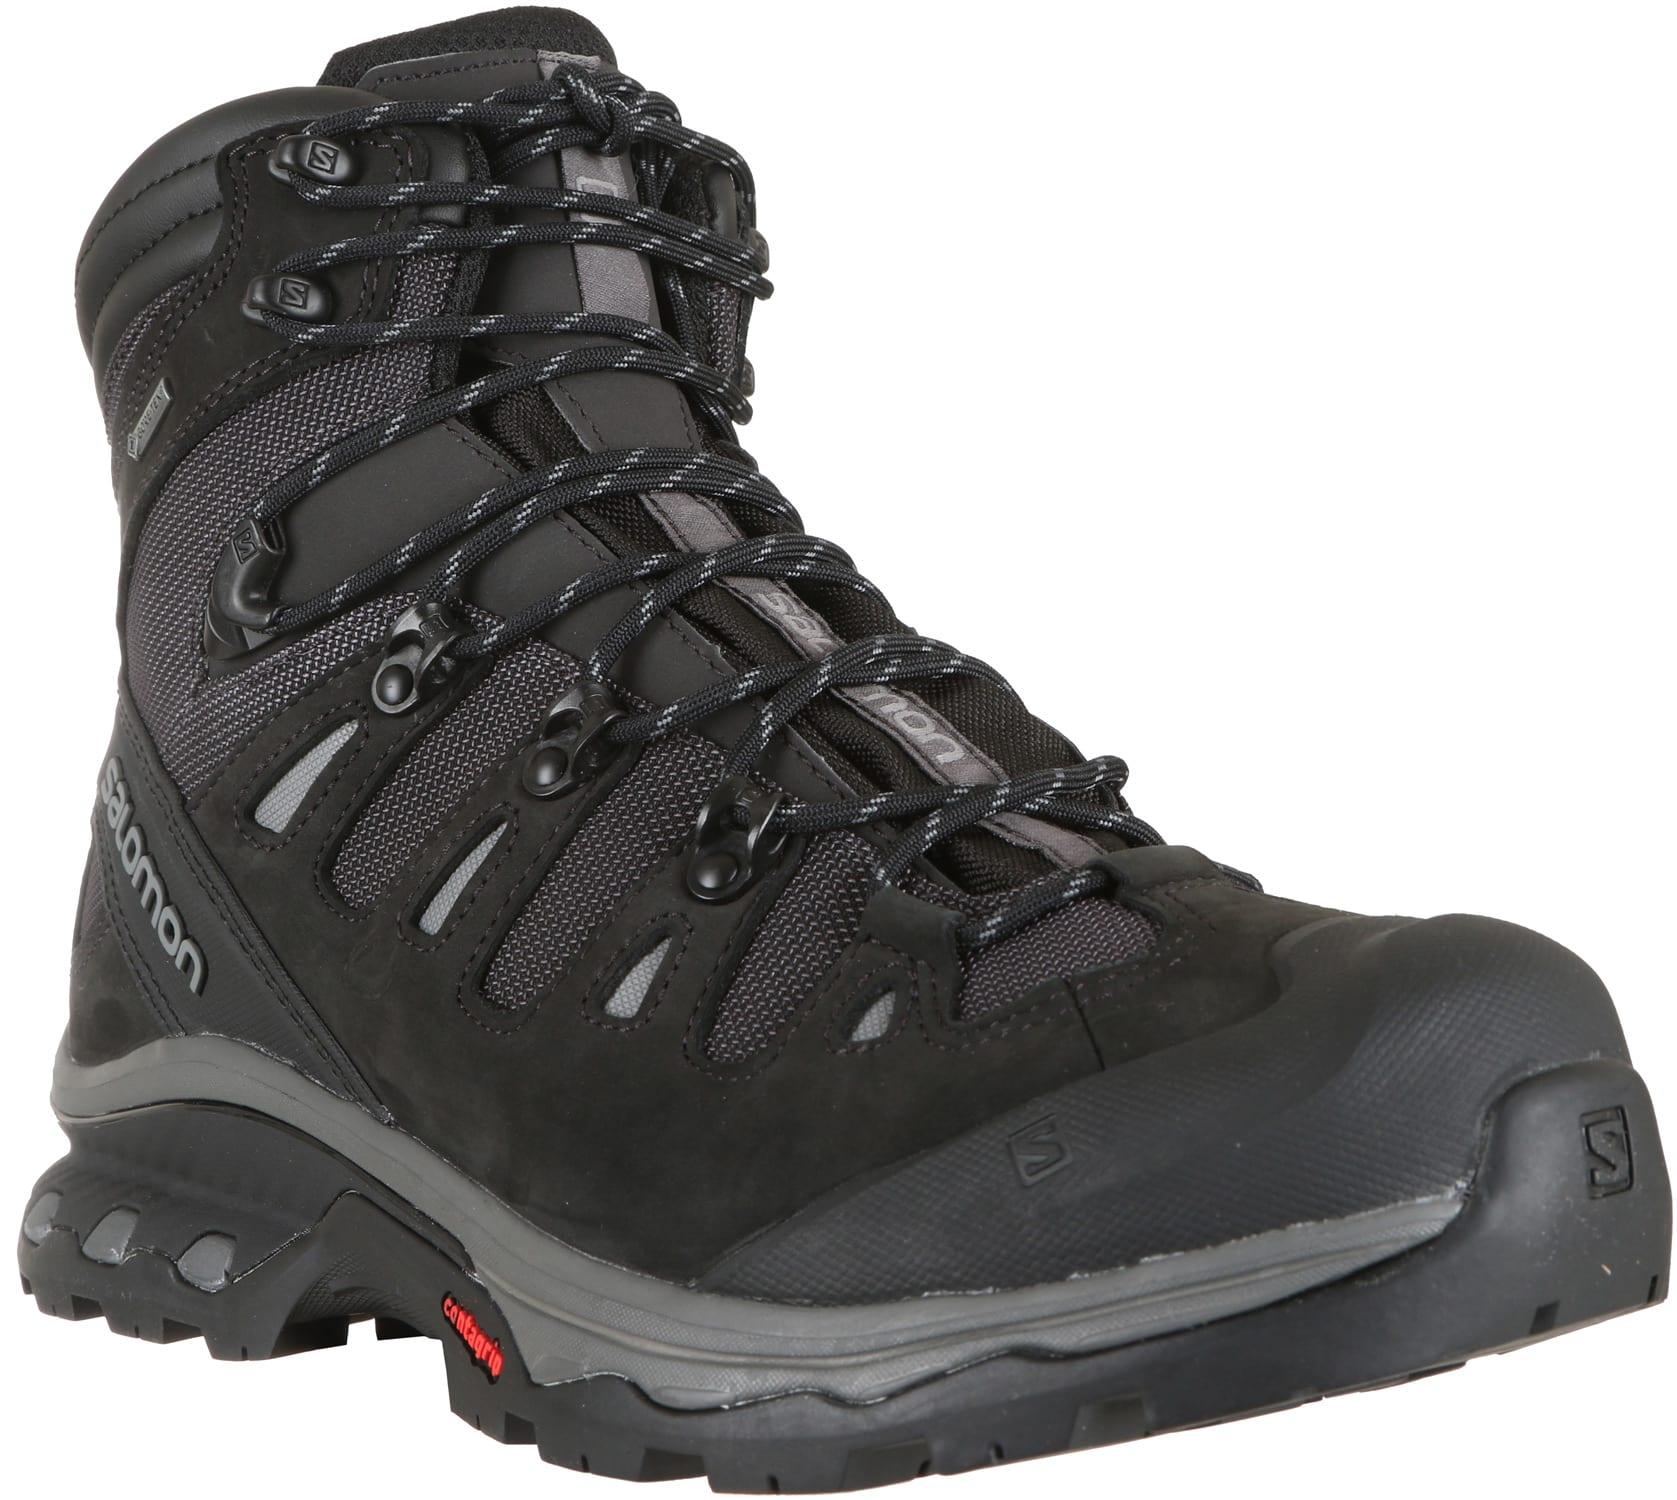 Salomon Quest 4d 3 Gtx Hiking Boots 2019